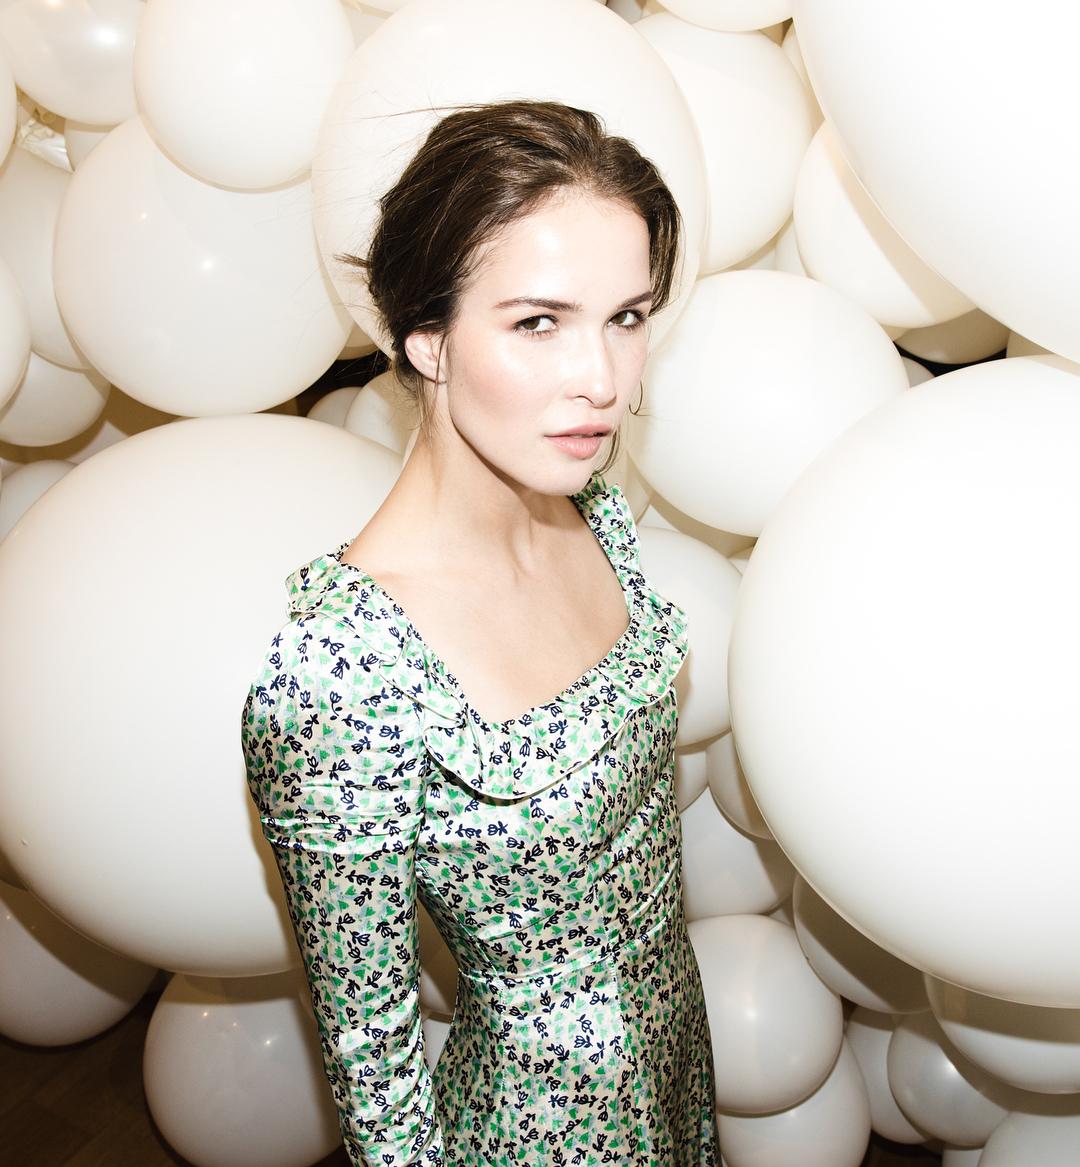 Лукерья Ильяшенко: Вот оно собственно - то самое идеальное летнее сиротское платье о котором я так мечтала. @alexachungstagram Жаль только, что оно мне всё равно не достанется, тк это коллекция будущей осени